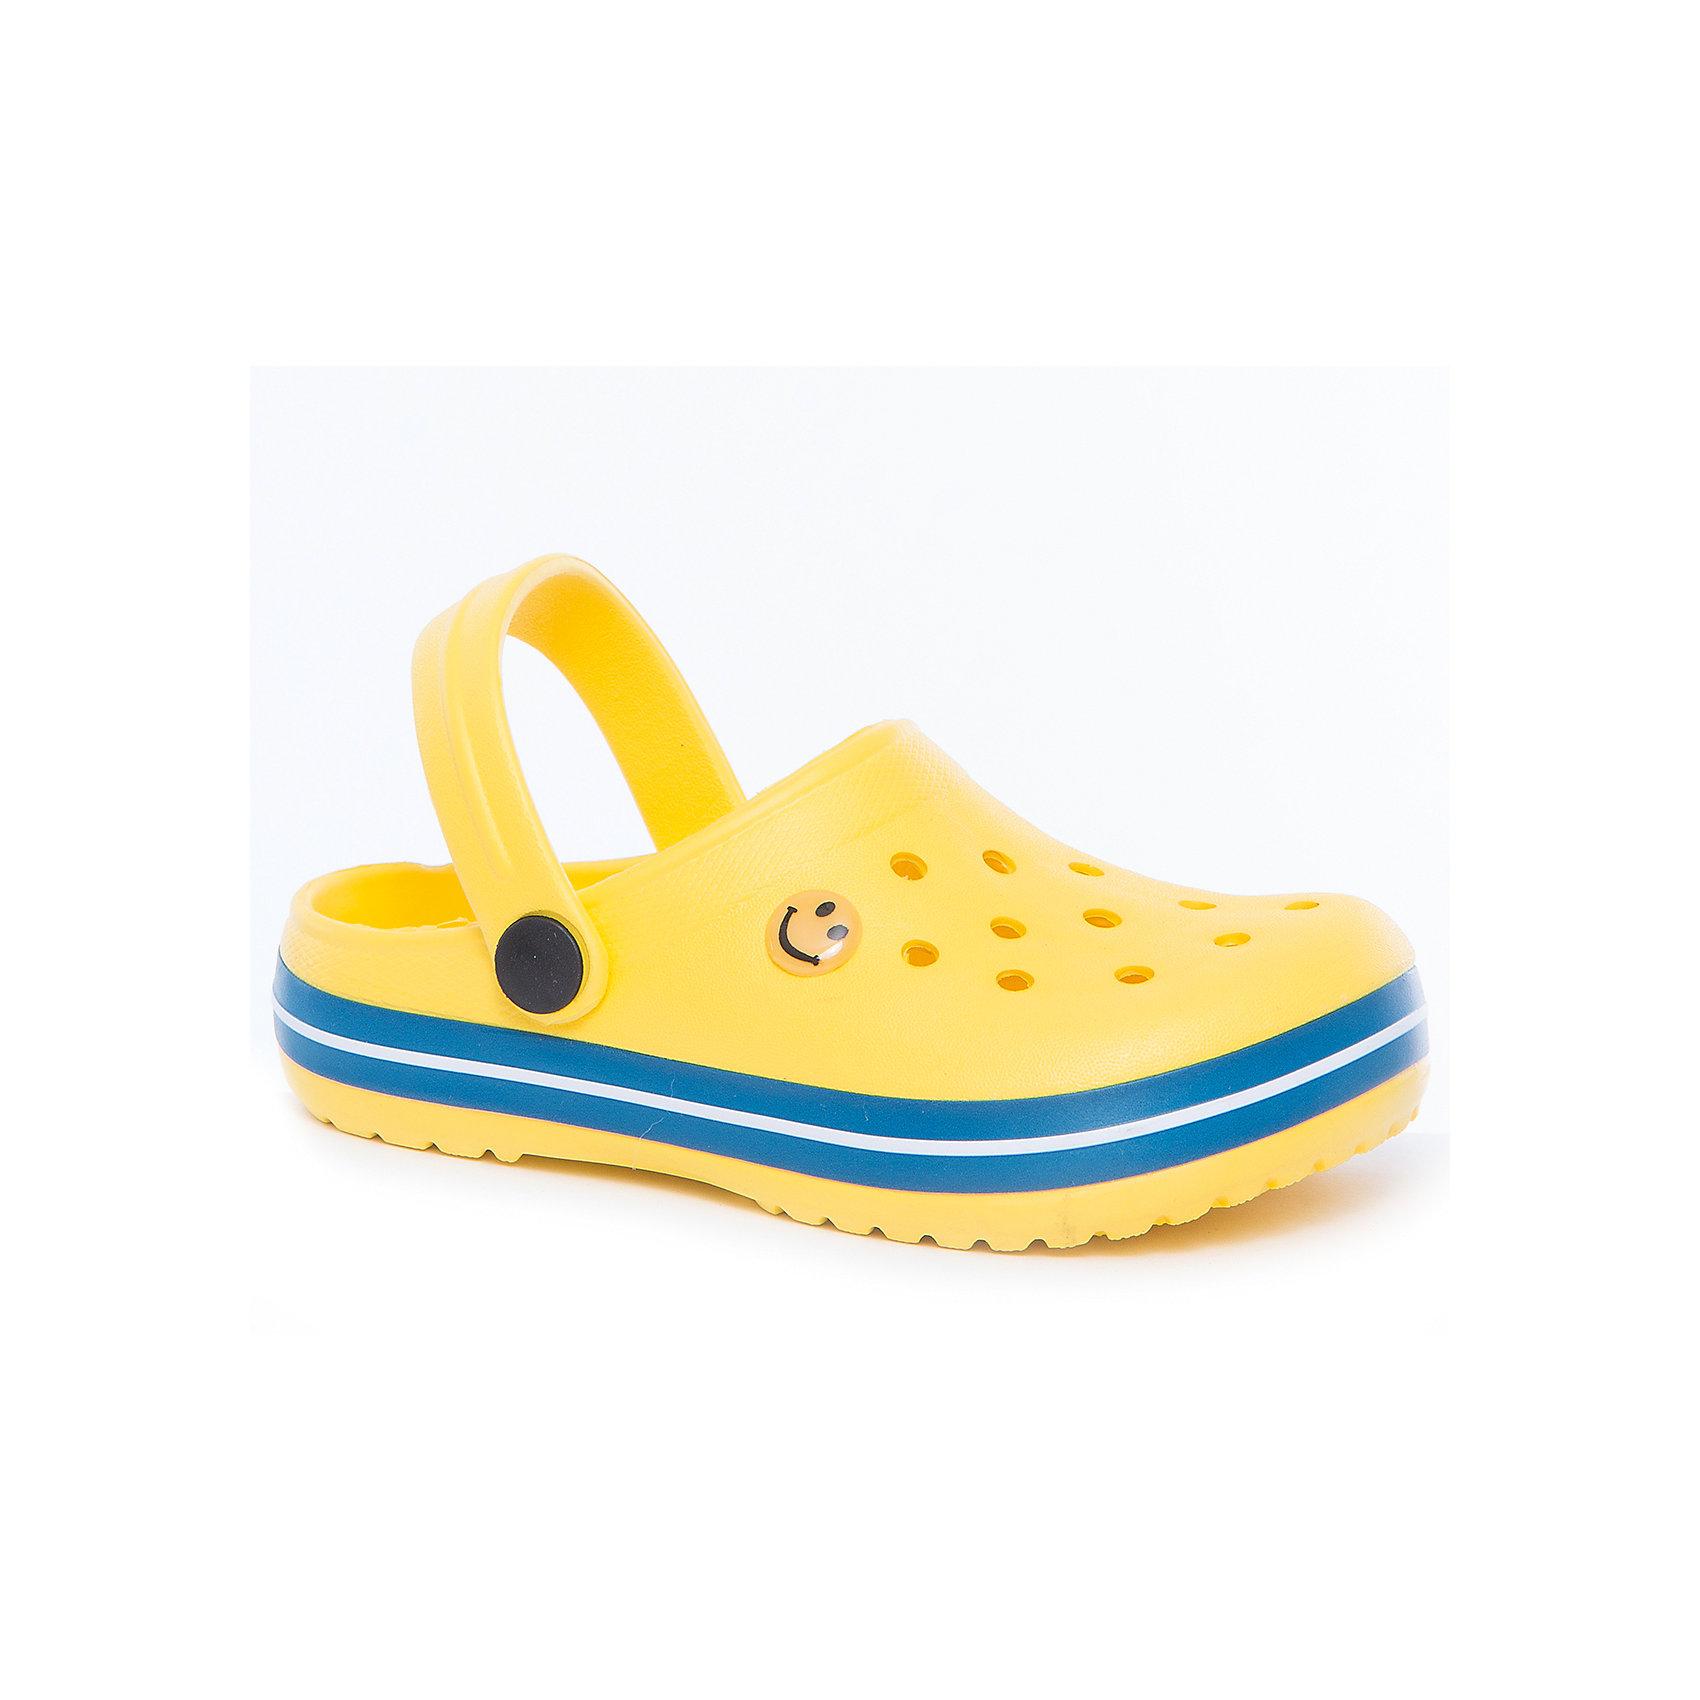 Сабо для мальчика PlayTodayПляжная обувь<br>Пантолеты для мальчика PlayToday<br>Эти удобные пантолеты прекрасно подойдут и для дачи, и для пляжа. Подвижный пяточный ремень позволяет легко снимать о одевать обувь. Перфорированная носочная часть обеспечивает хорошую вентиляциюПреимущества: Подвижный пяточный ремень позволяет легко снимать и одевать пантолетыПерфорированная носочная часть обеспечивает хорошую вентиляцию<br>Состав:<br>100% этилвинилацетат<br><br>Ширина мм: 225<br>Глубина мм: 139<br>Высота мм: 112<br>Вес г: 290<br>Цвет: разноцветный<br>Возраст от месяцев: 96<br>Возраст до месяцев: 108<br>Пол: Мужской<br>Возраст: Детский<br>Размер: 30,32,28,29,31<br>SKU: 5403579